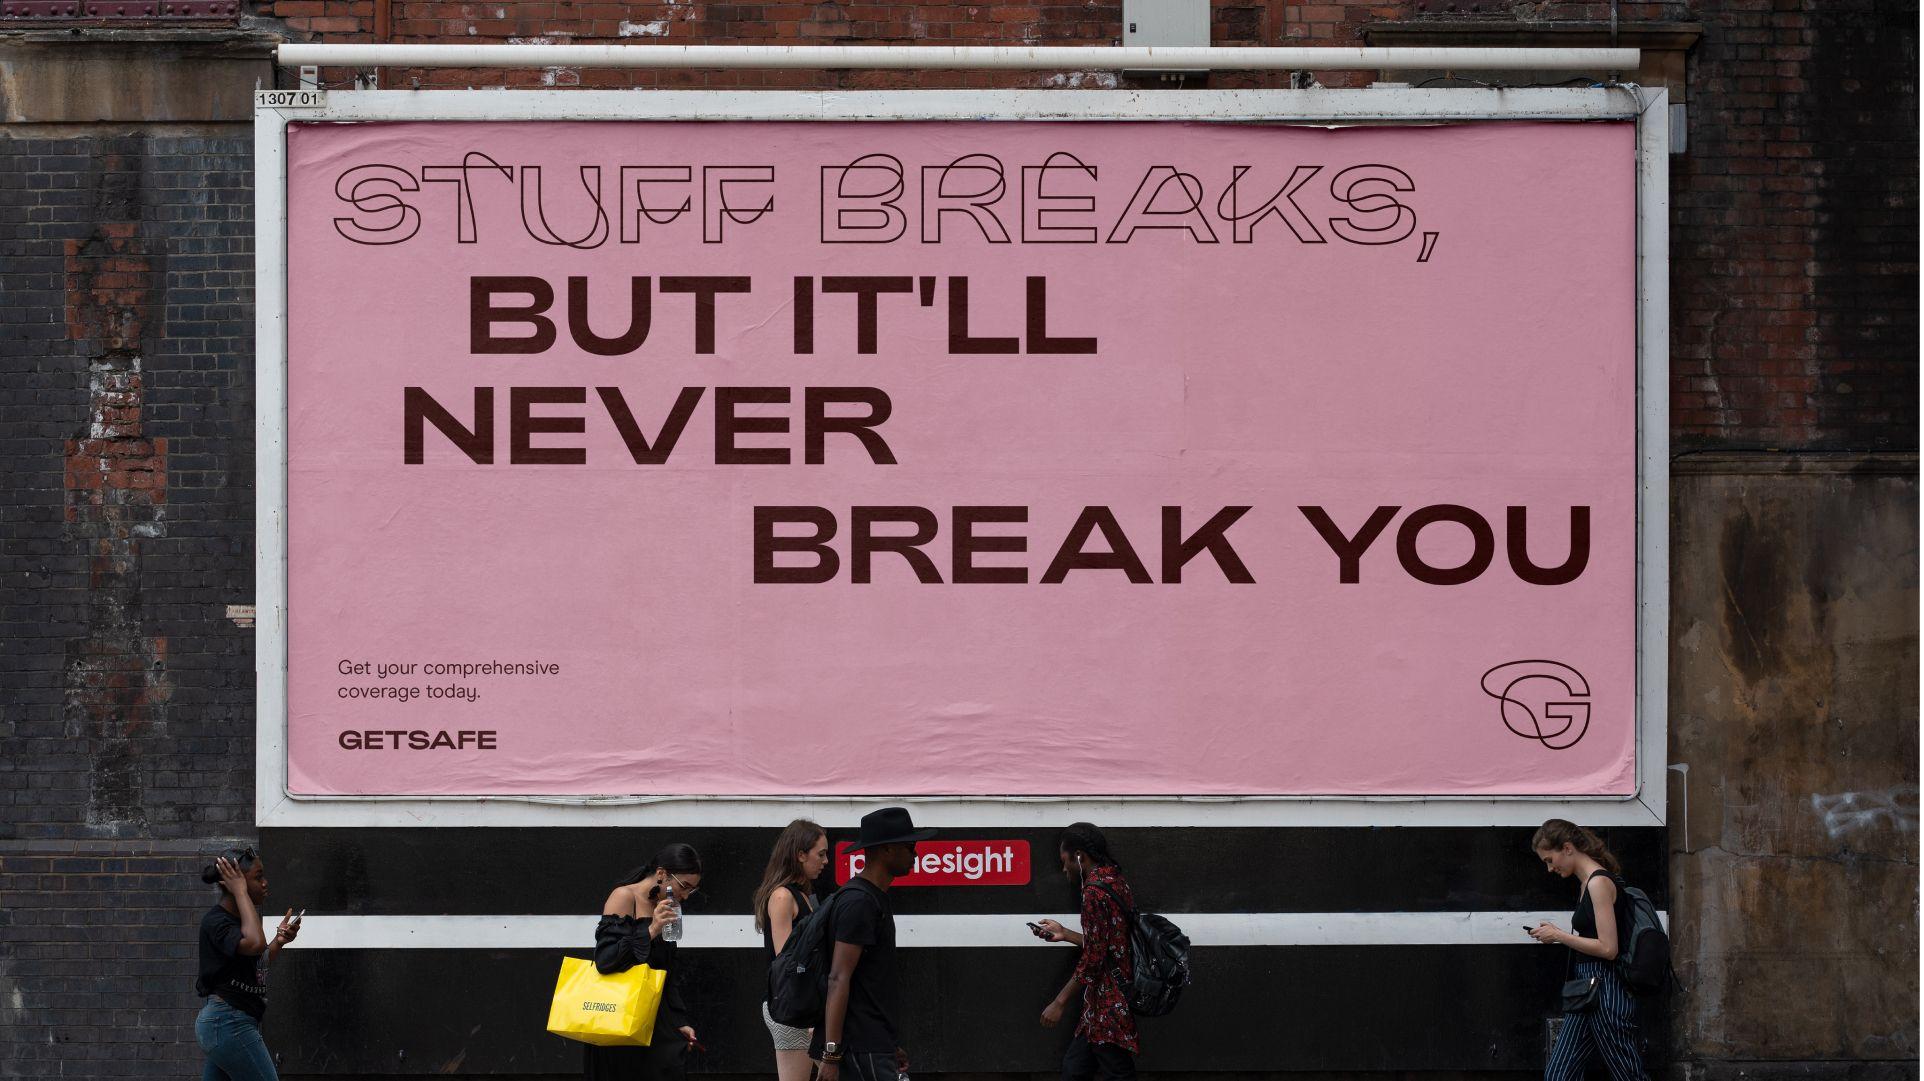 Stuff breaks, but it'll never break you